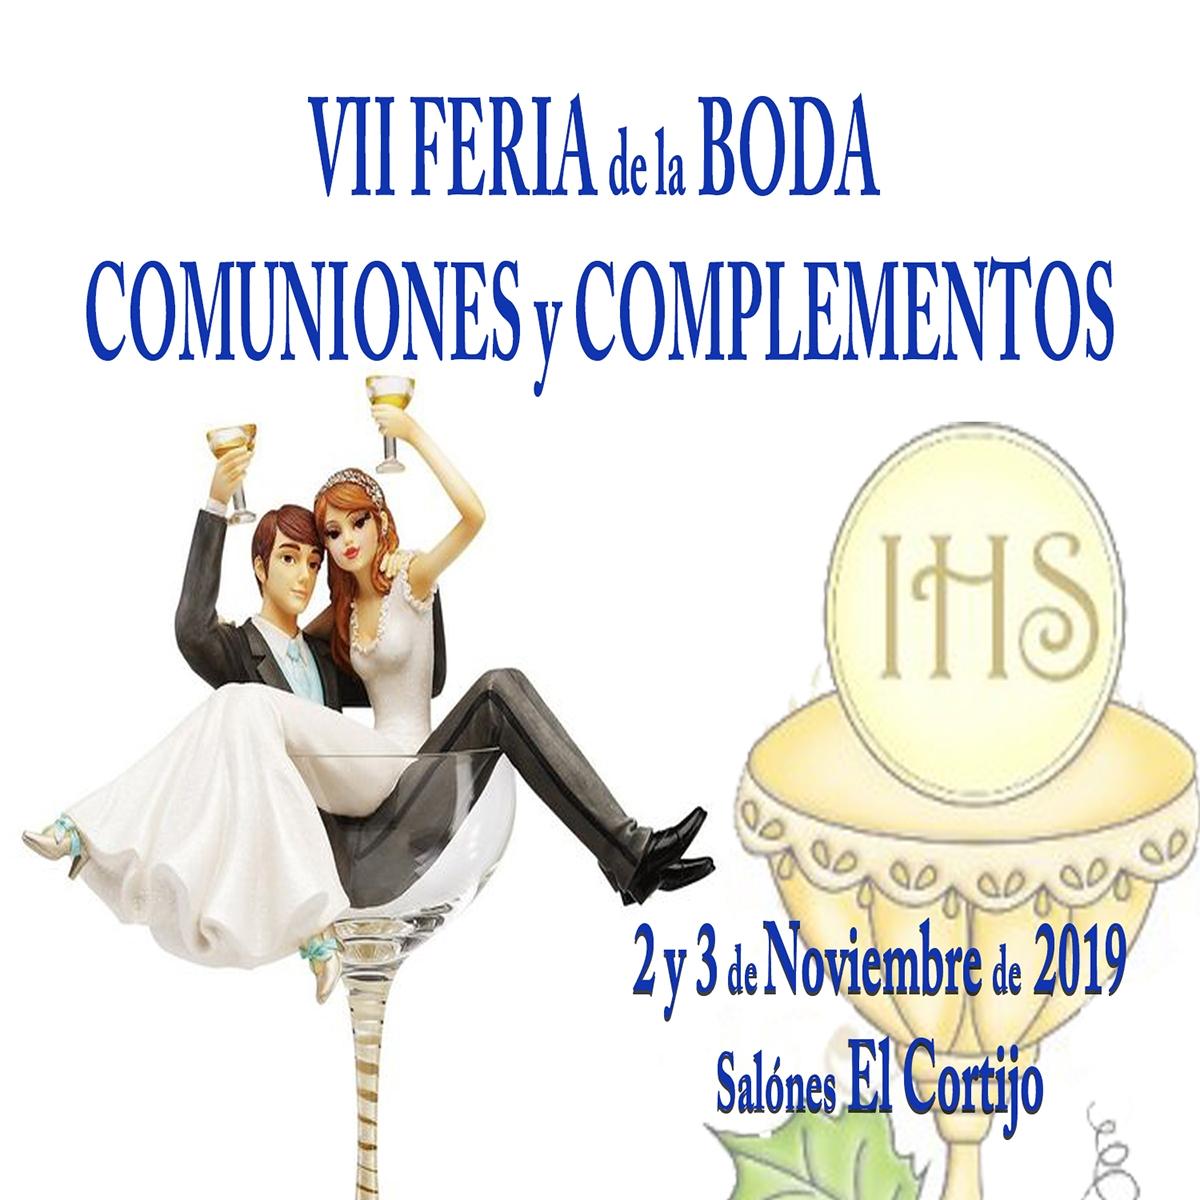 VII Feria de bodas, Comuniones y Complementos.